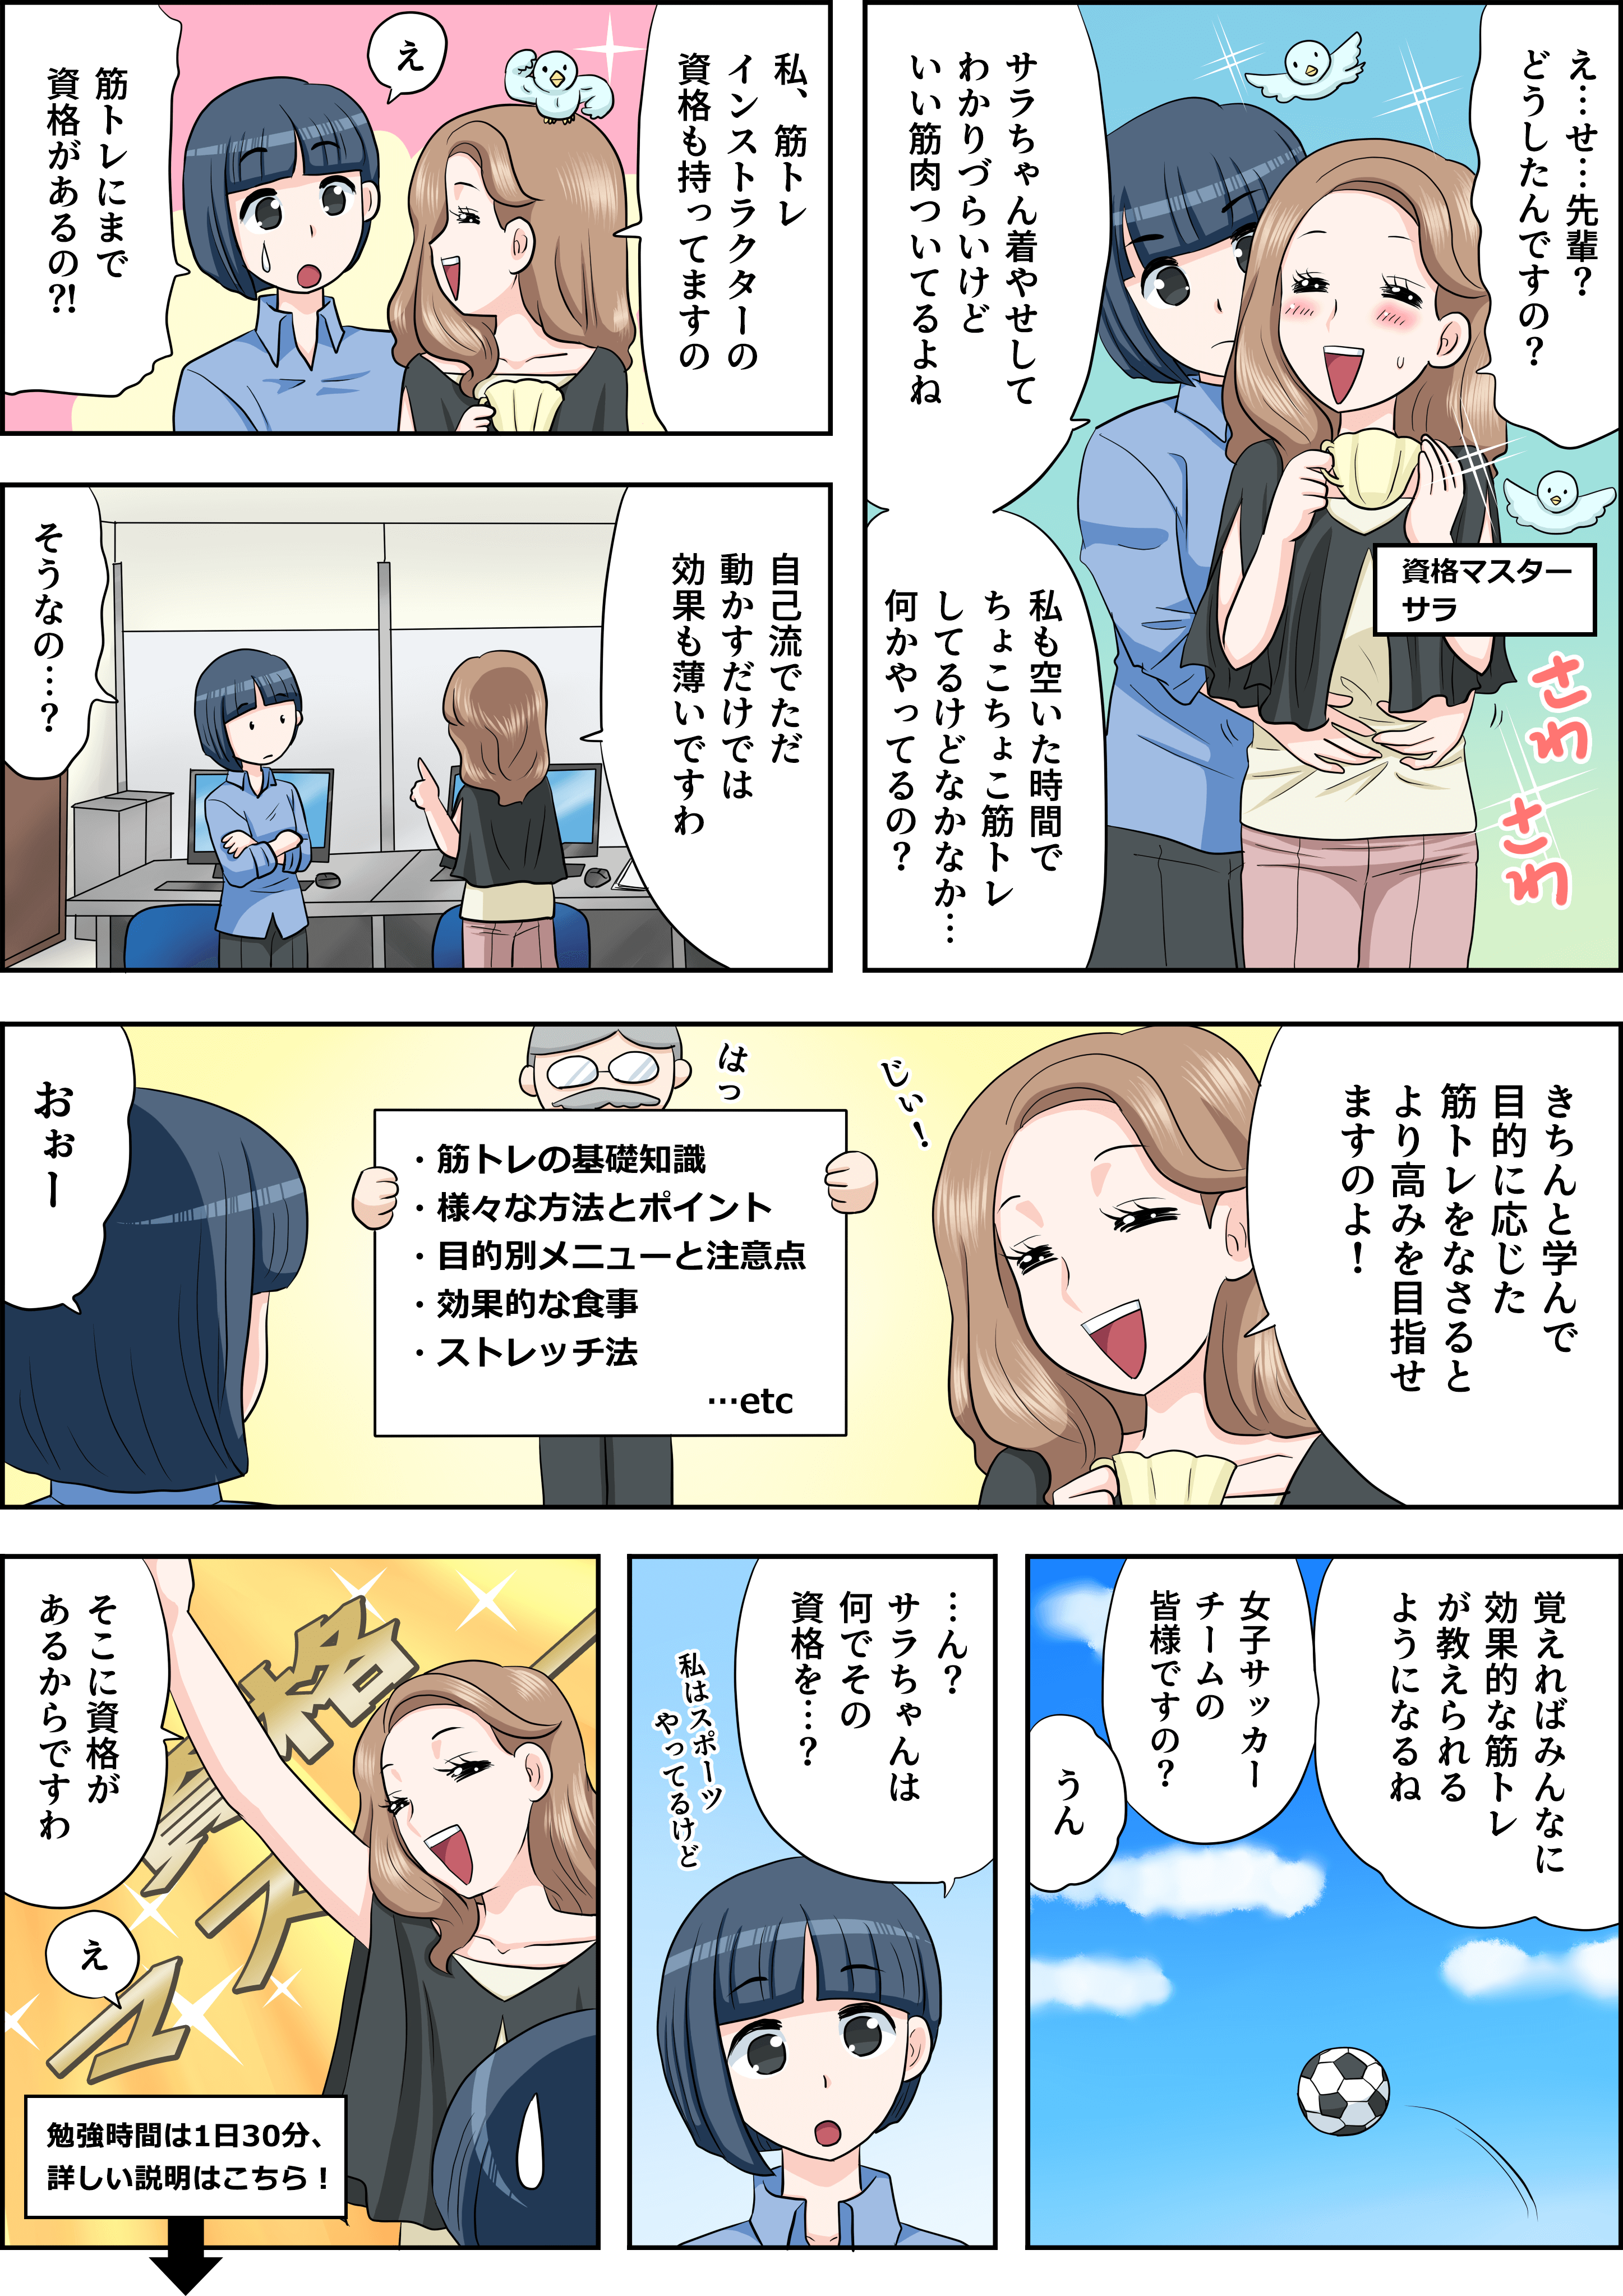 筋トレの漫画